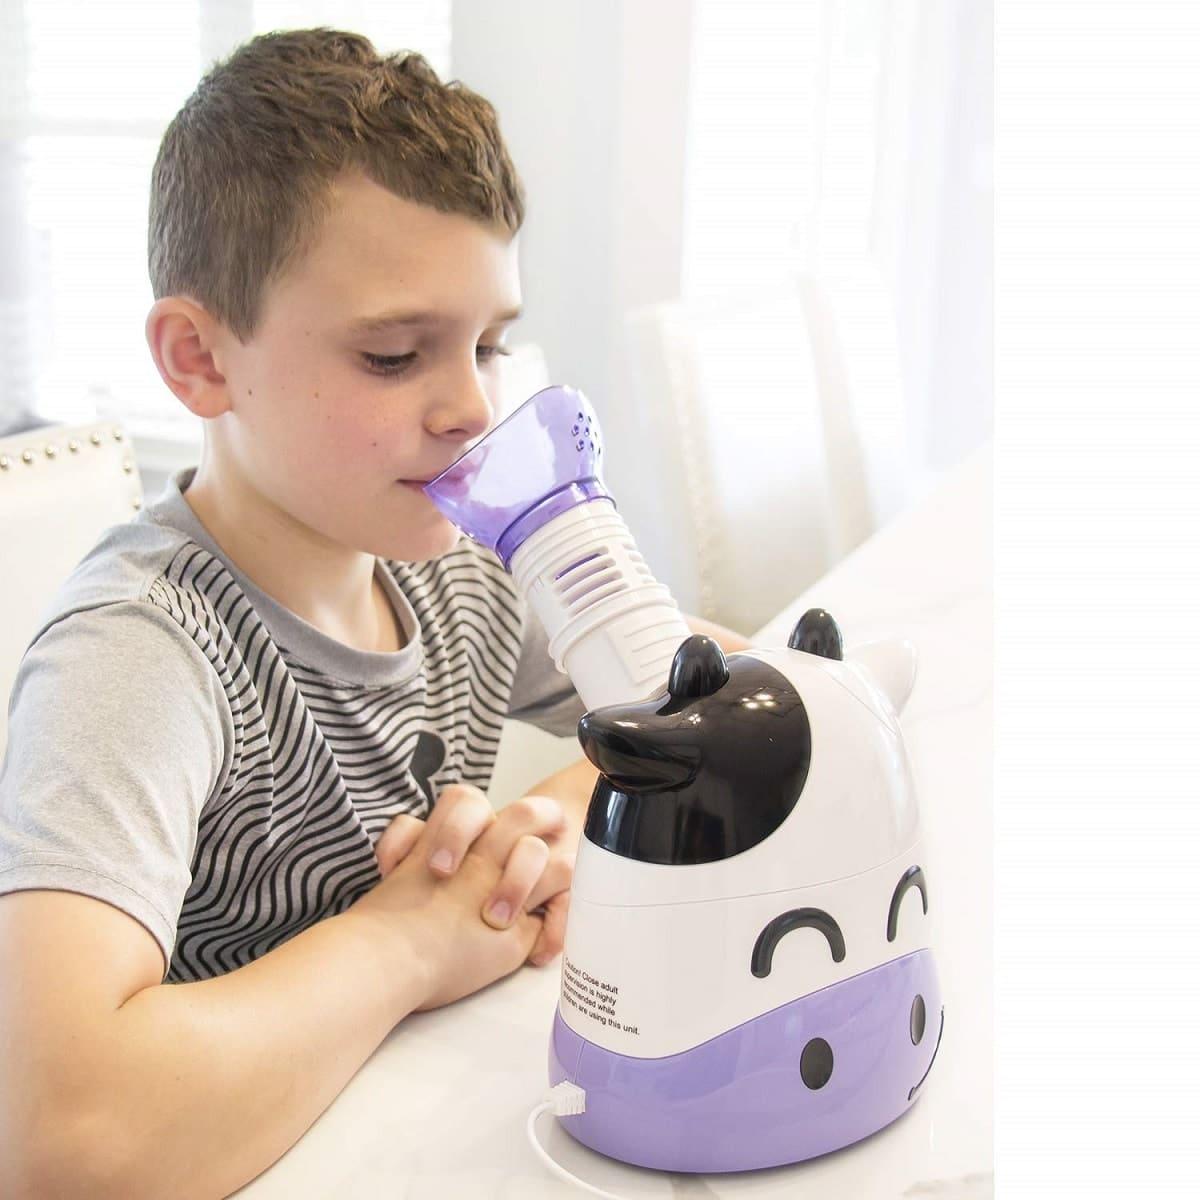 margo moo healthsmart steam inhaler image